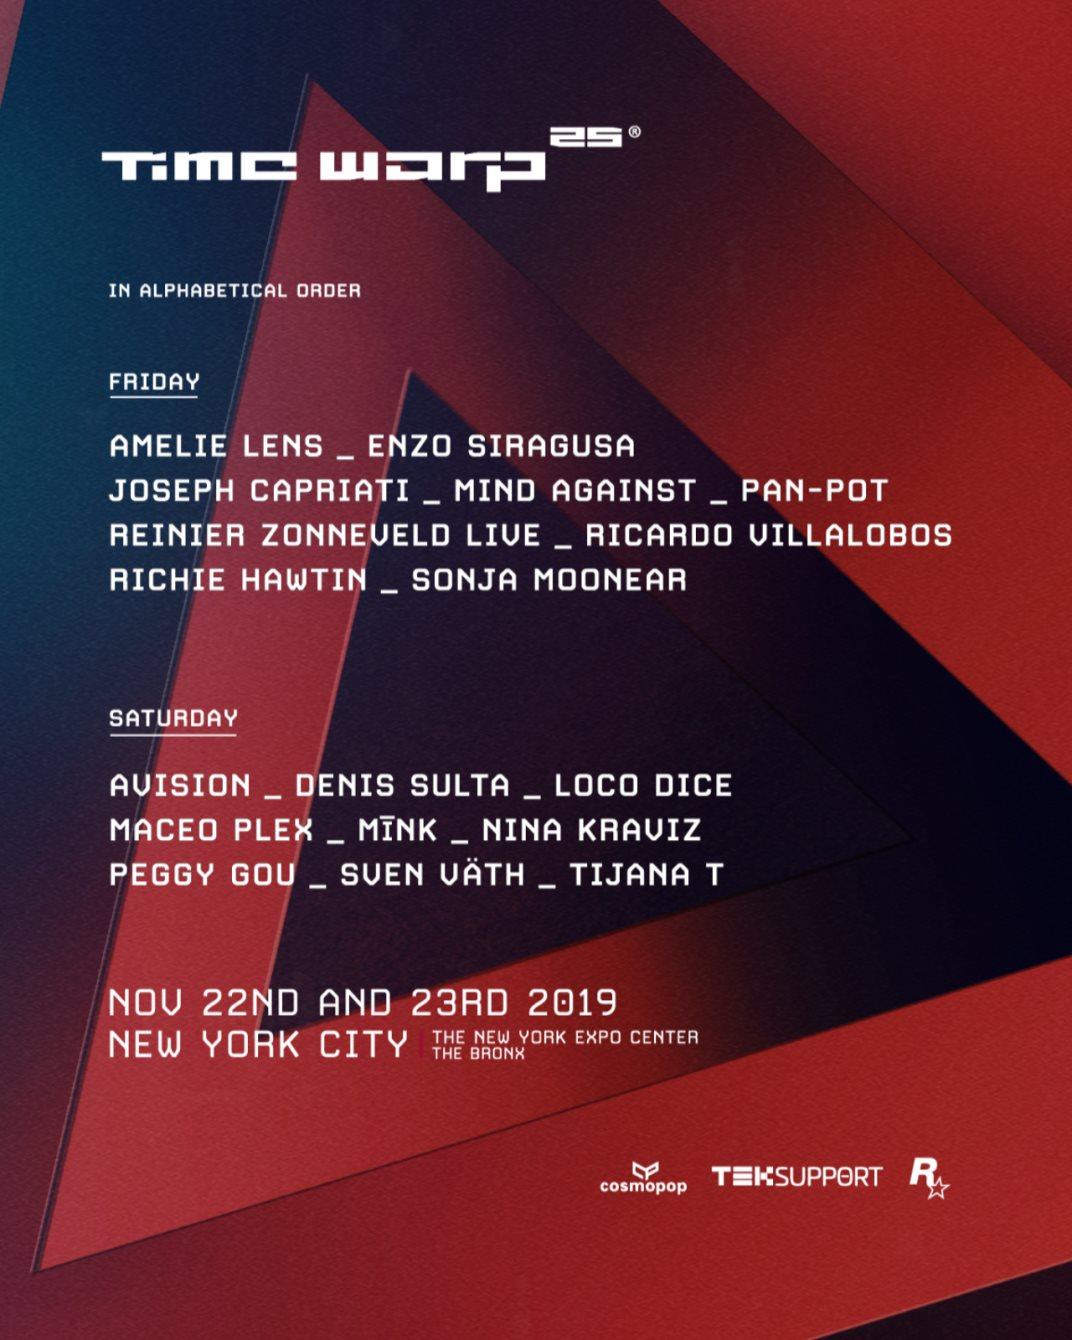 Time Warp USA - Flyer back